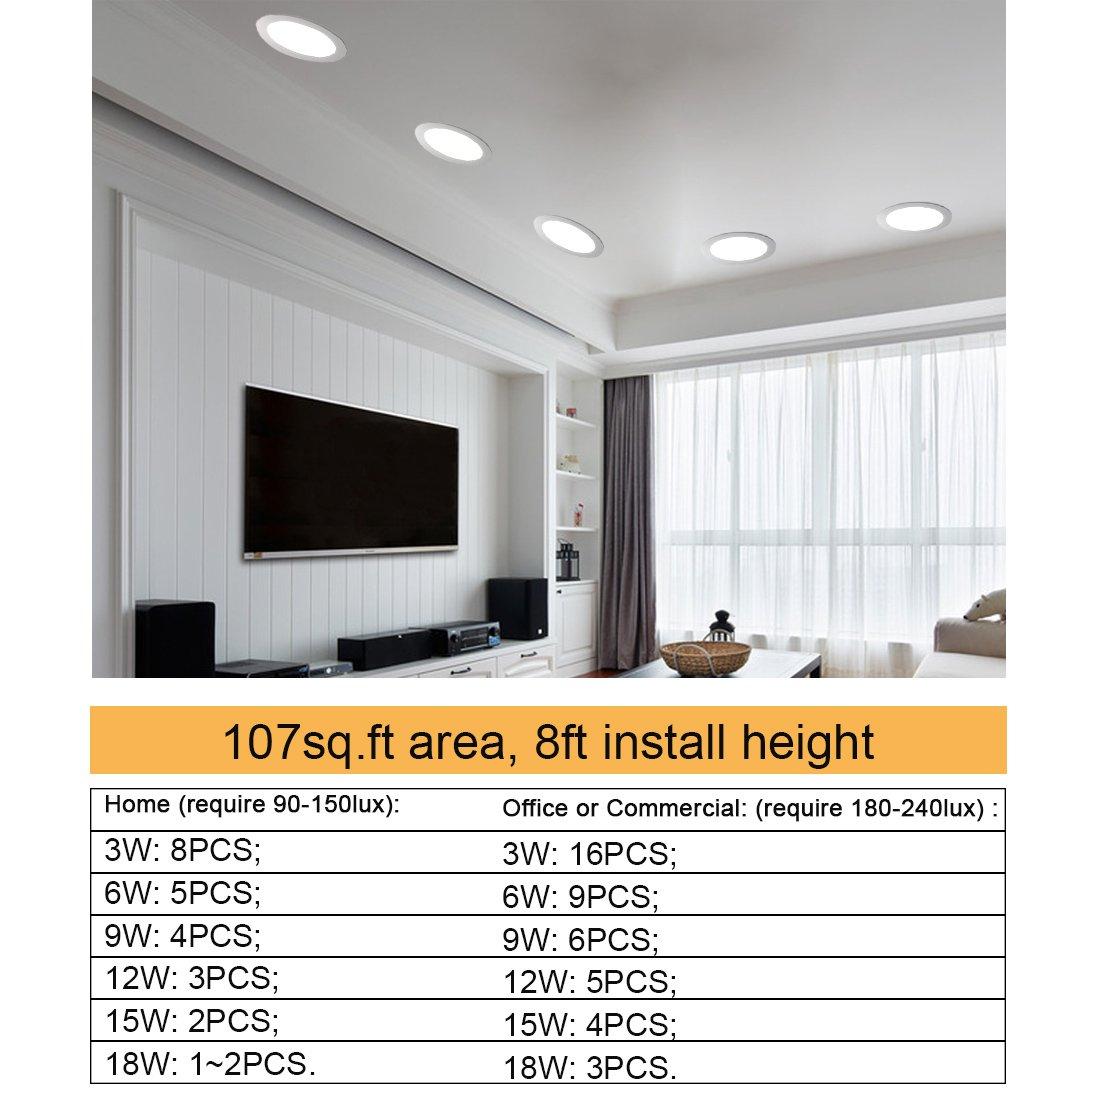 2PACK LED Deckenleuchte LED Panellampe Einbaustrahler Einbauleuchten Round 18W 3000K Warm White LED Downlight Ultra schlanke Lampe Scheinwerfer f/ür K/üche Bad Gang Lochgr/ö/ße 20.5CM